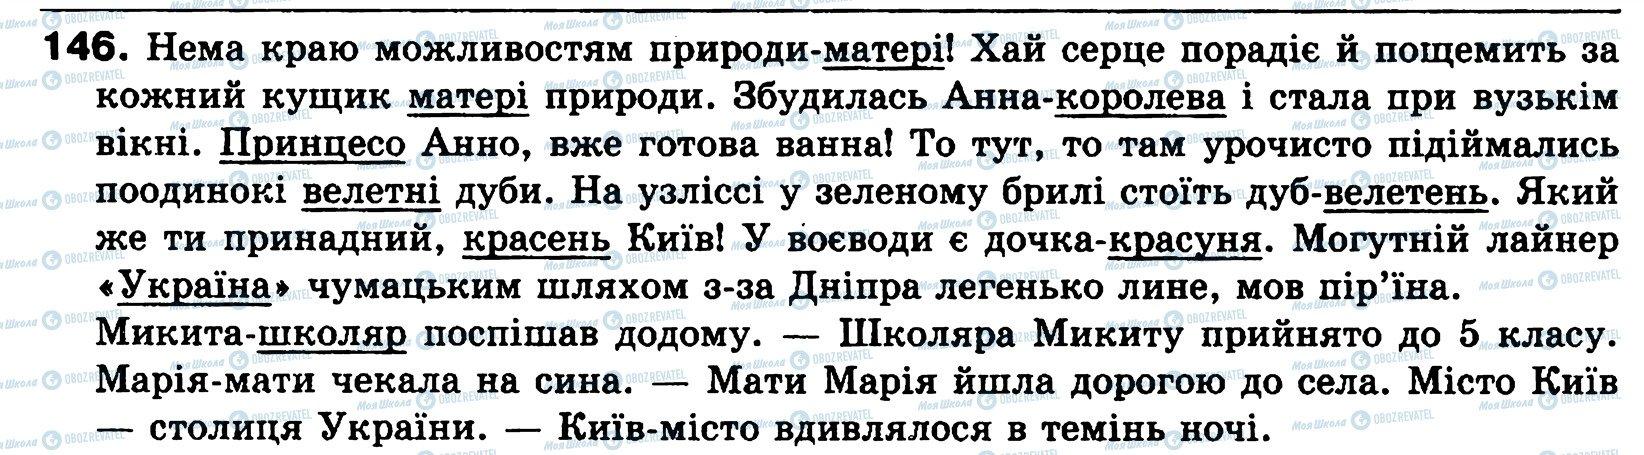 ГДЗ Українська мова 8 клас сторінка 146